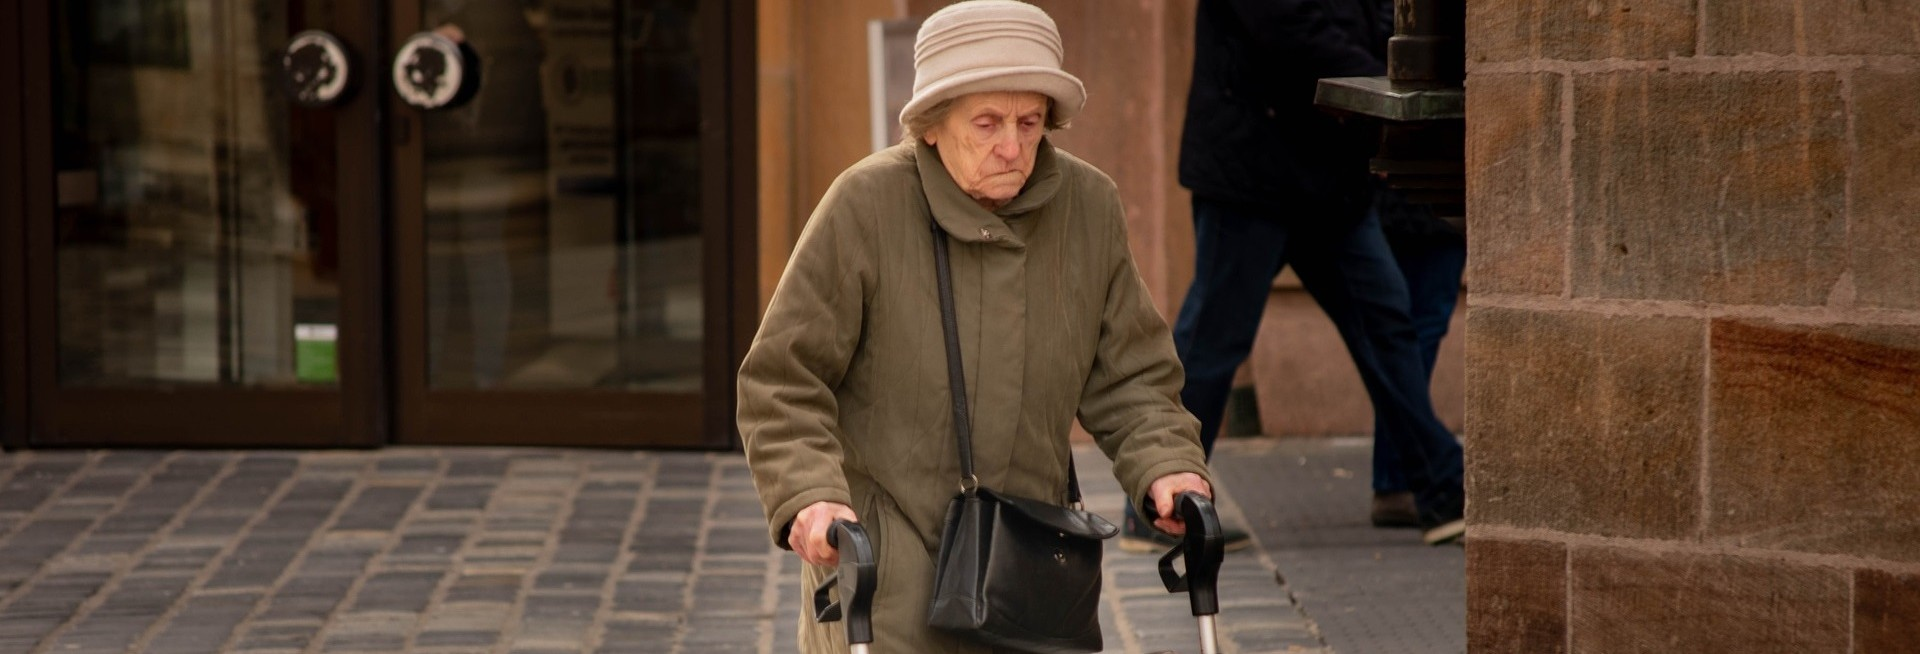 Уход за пожилым человеком старше 80 лет и документы для его оформления